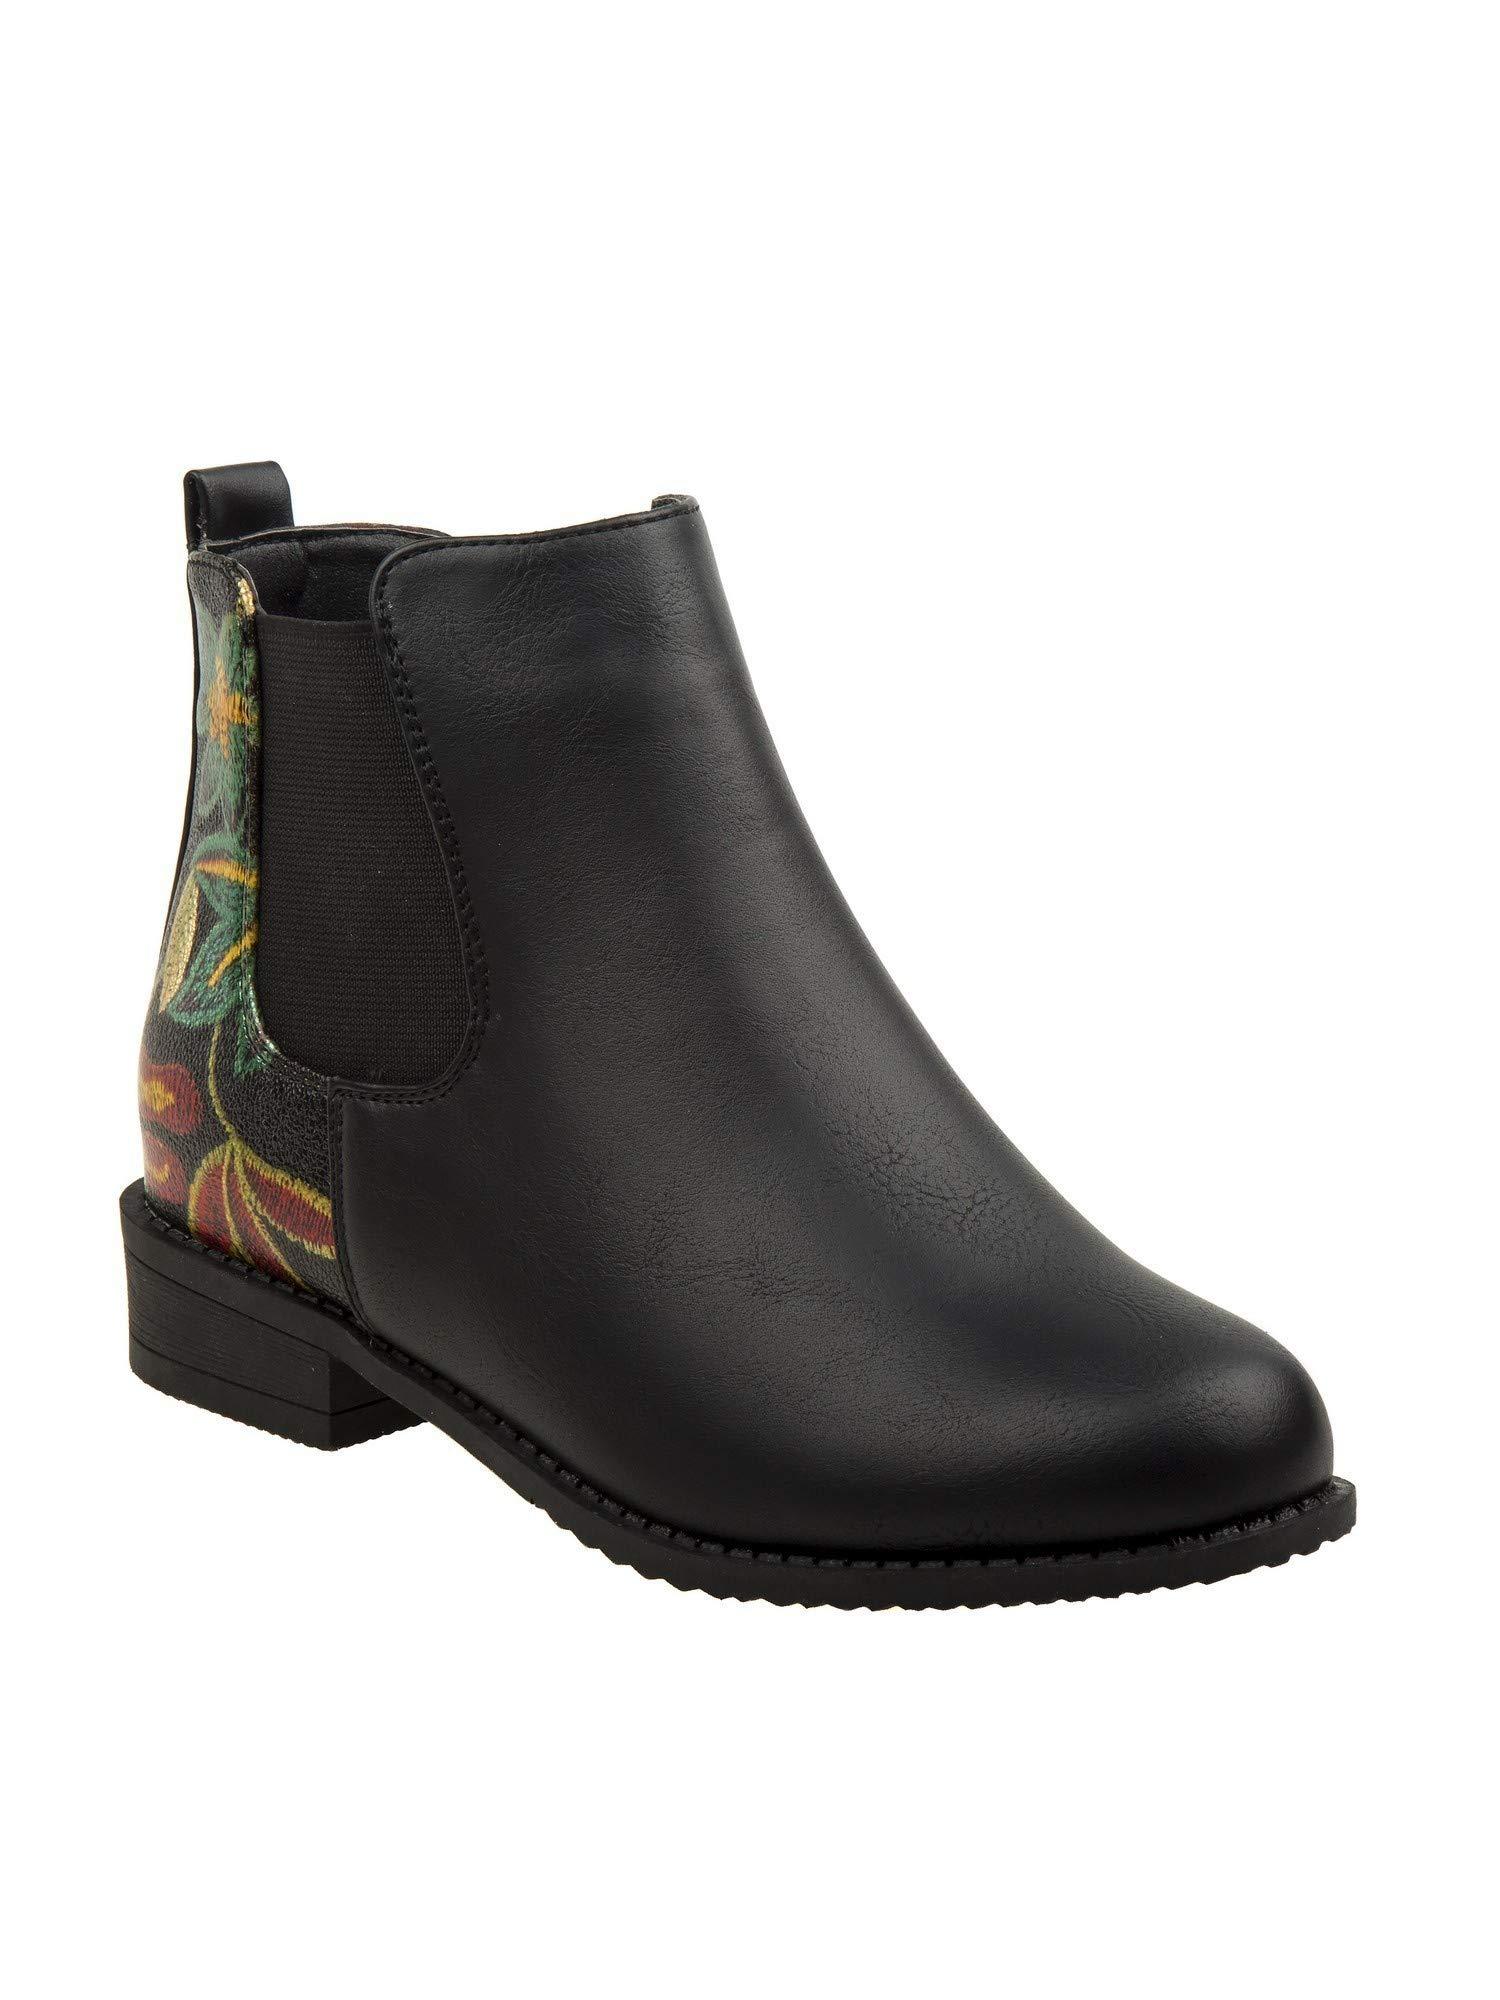 Nanette Lepore Girls Black Multi Flower Embroidered Chelsea Boots 4 Kids